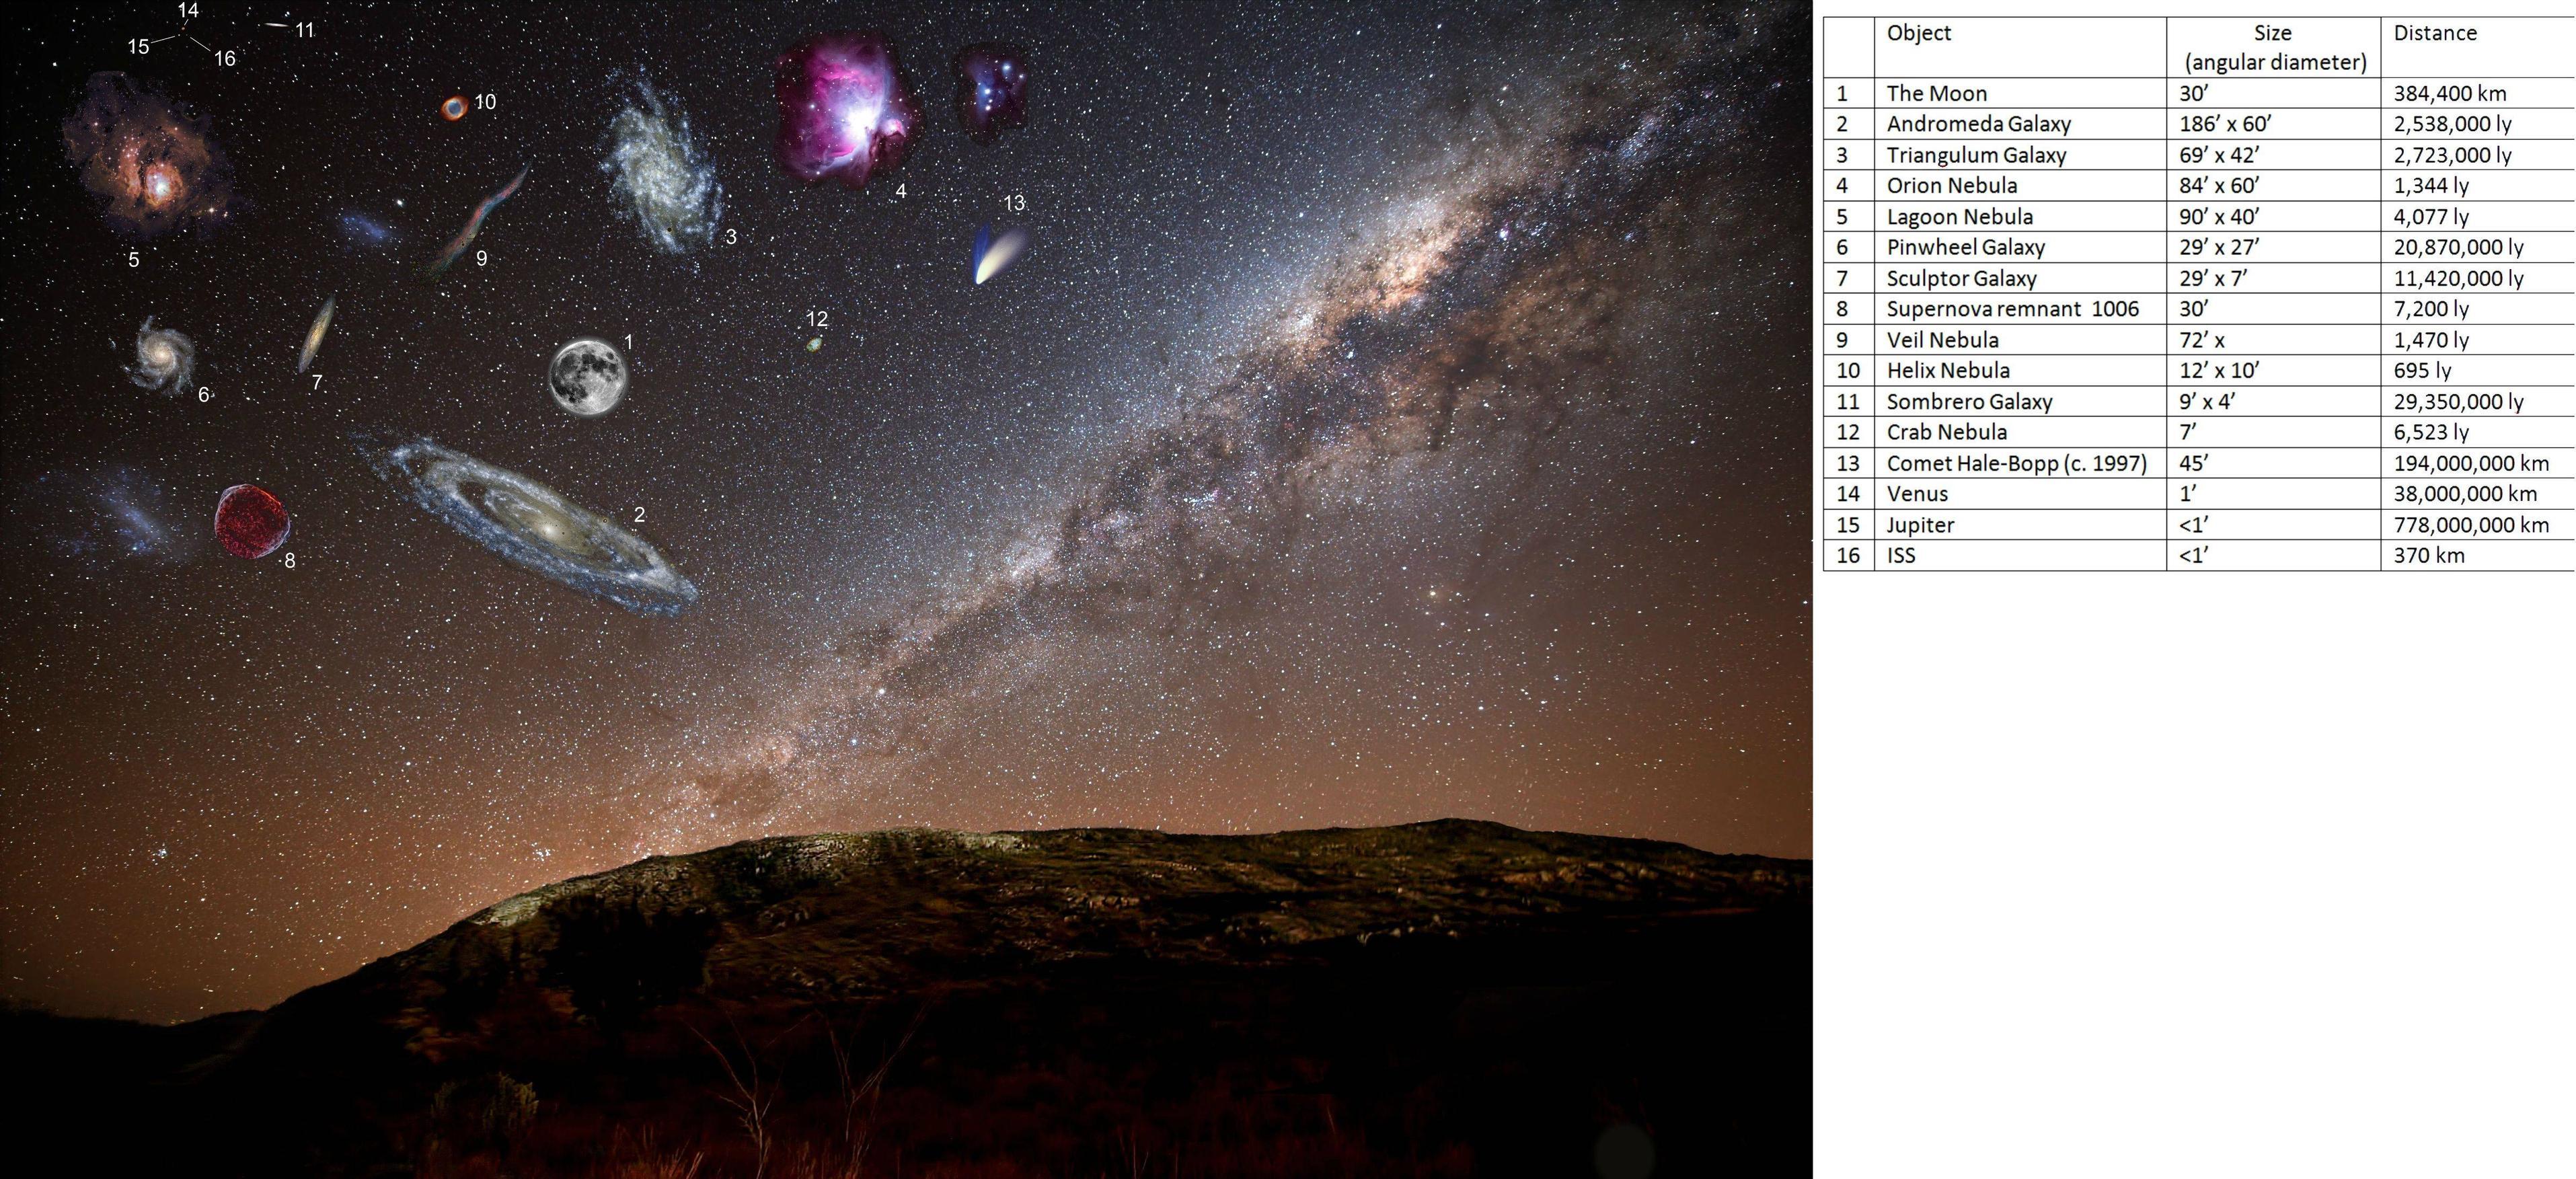 Фактические размеры некоторых объектов глубокого космоса